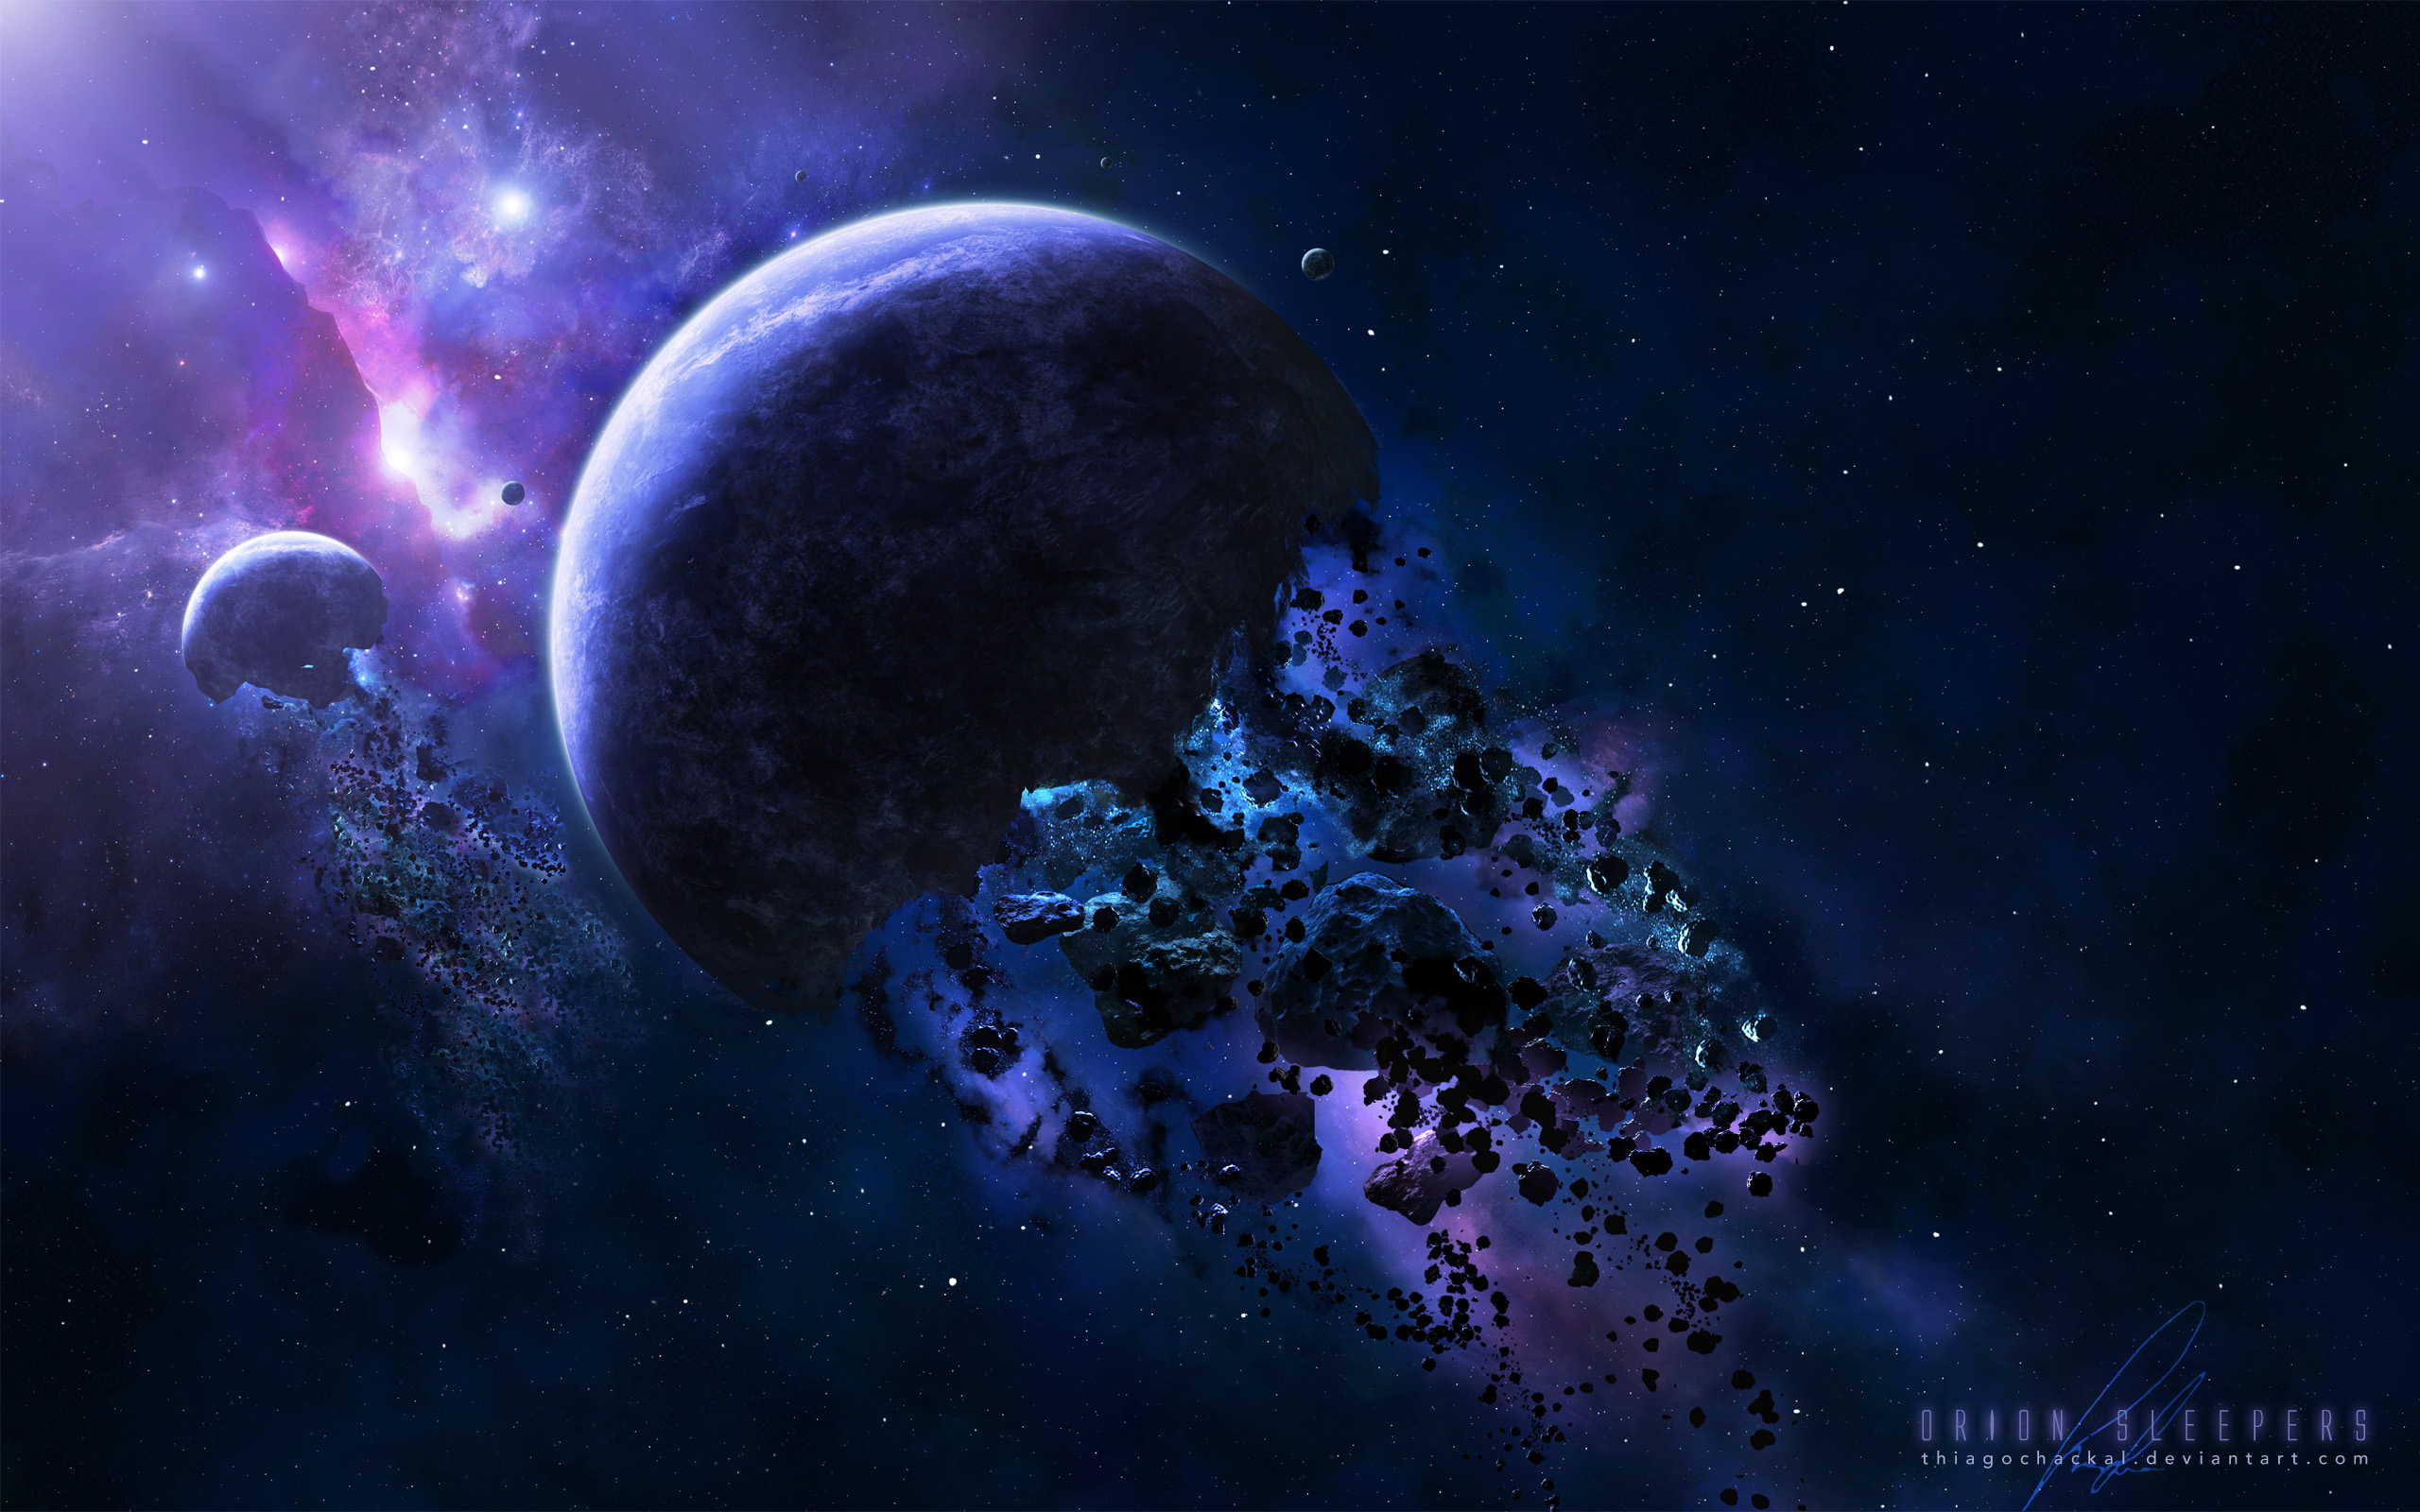 Обои Ужасающий космос картинки на рабочий стол на тему Космос - скачать скачать